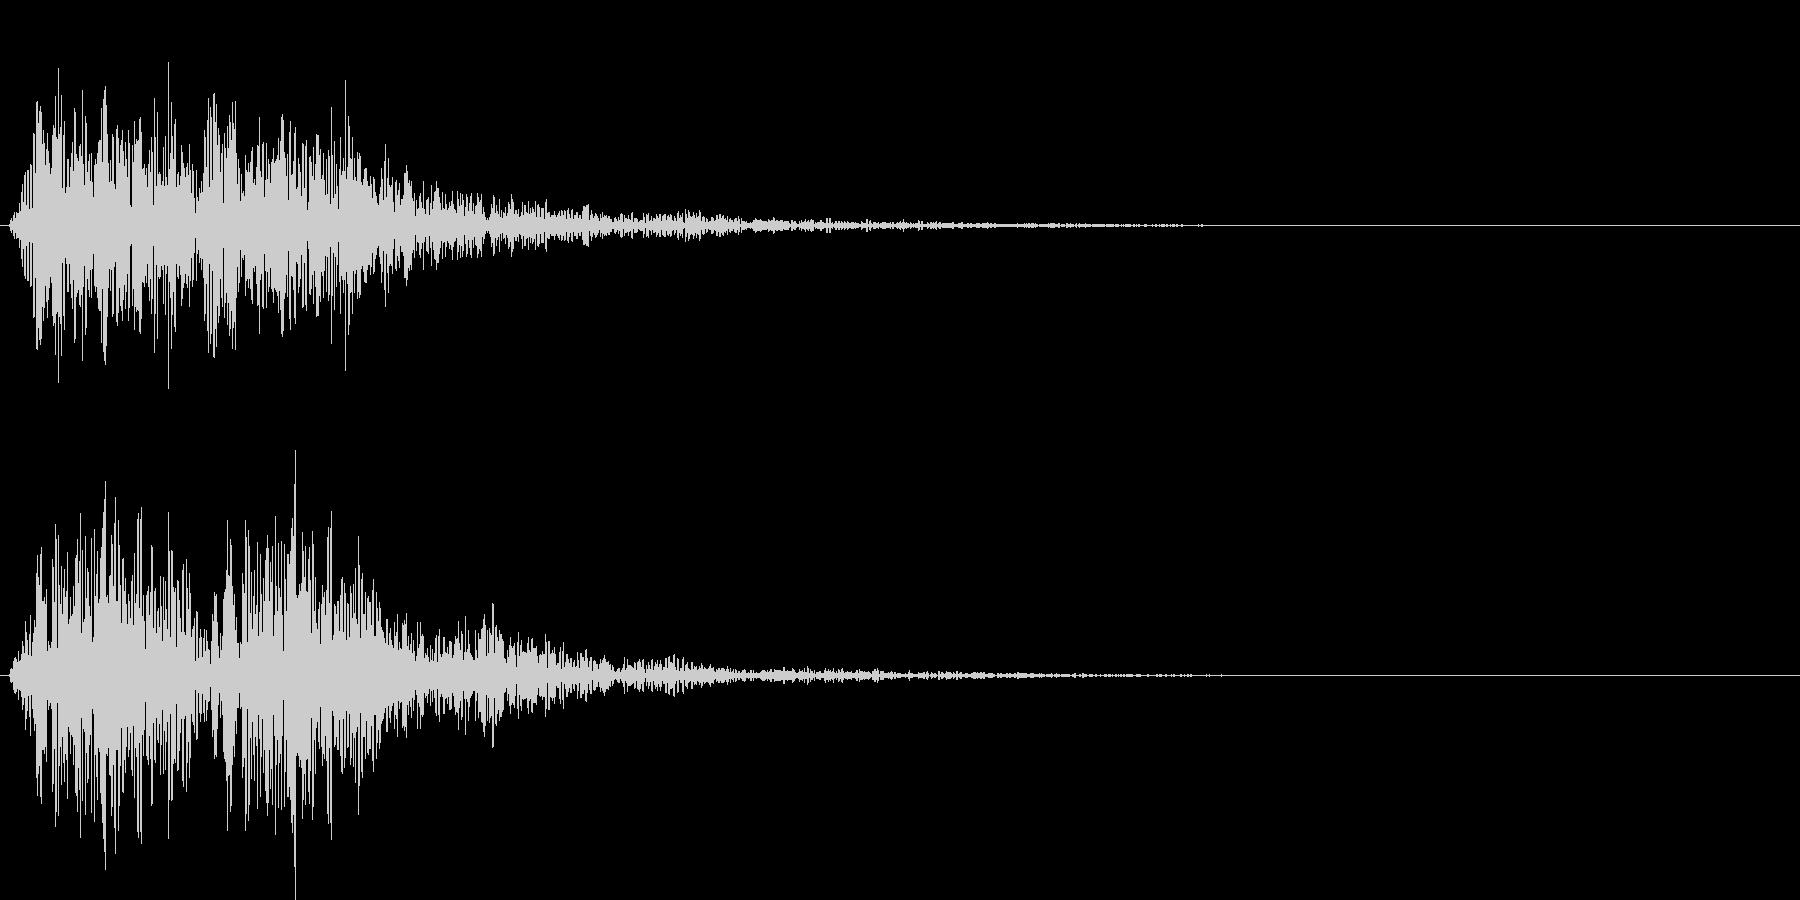 ボワンボワン(敵の群れ出現)の未再生の波形